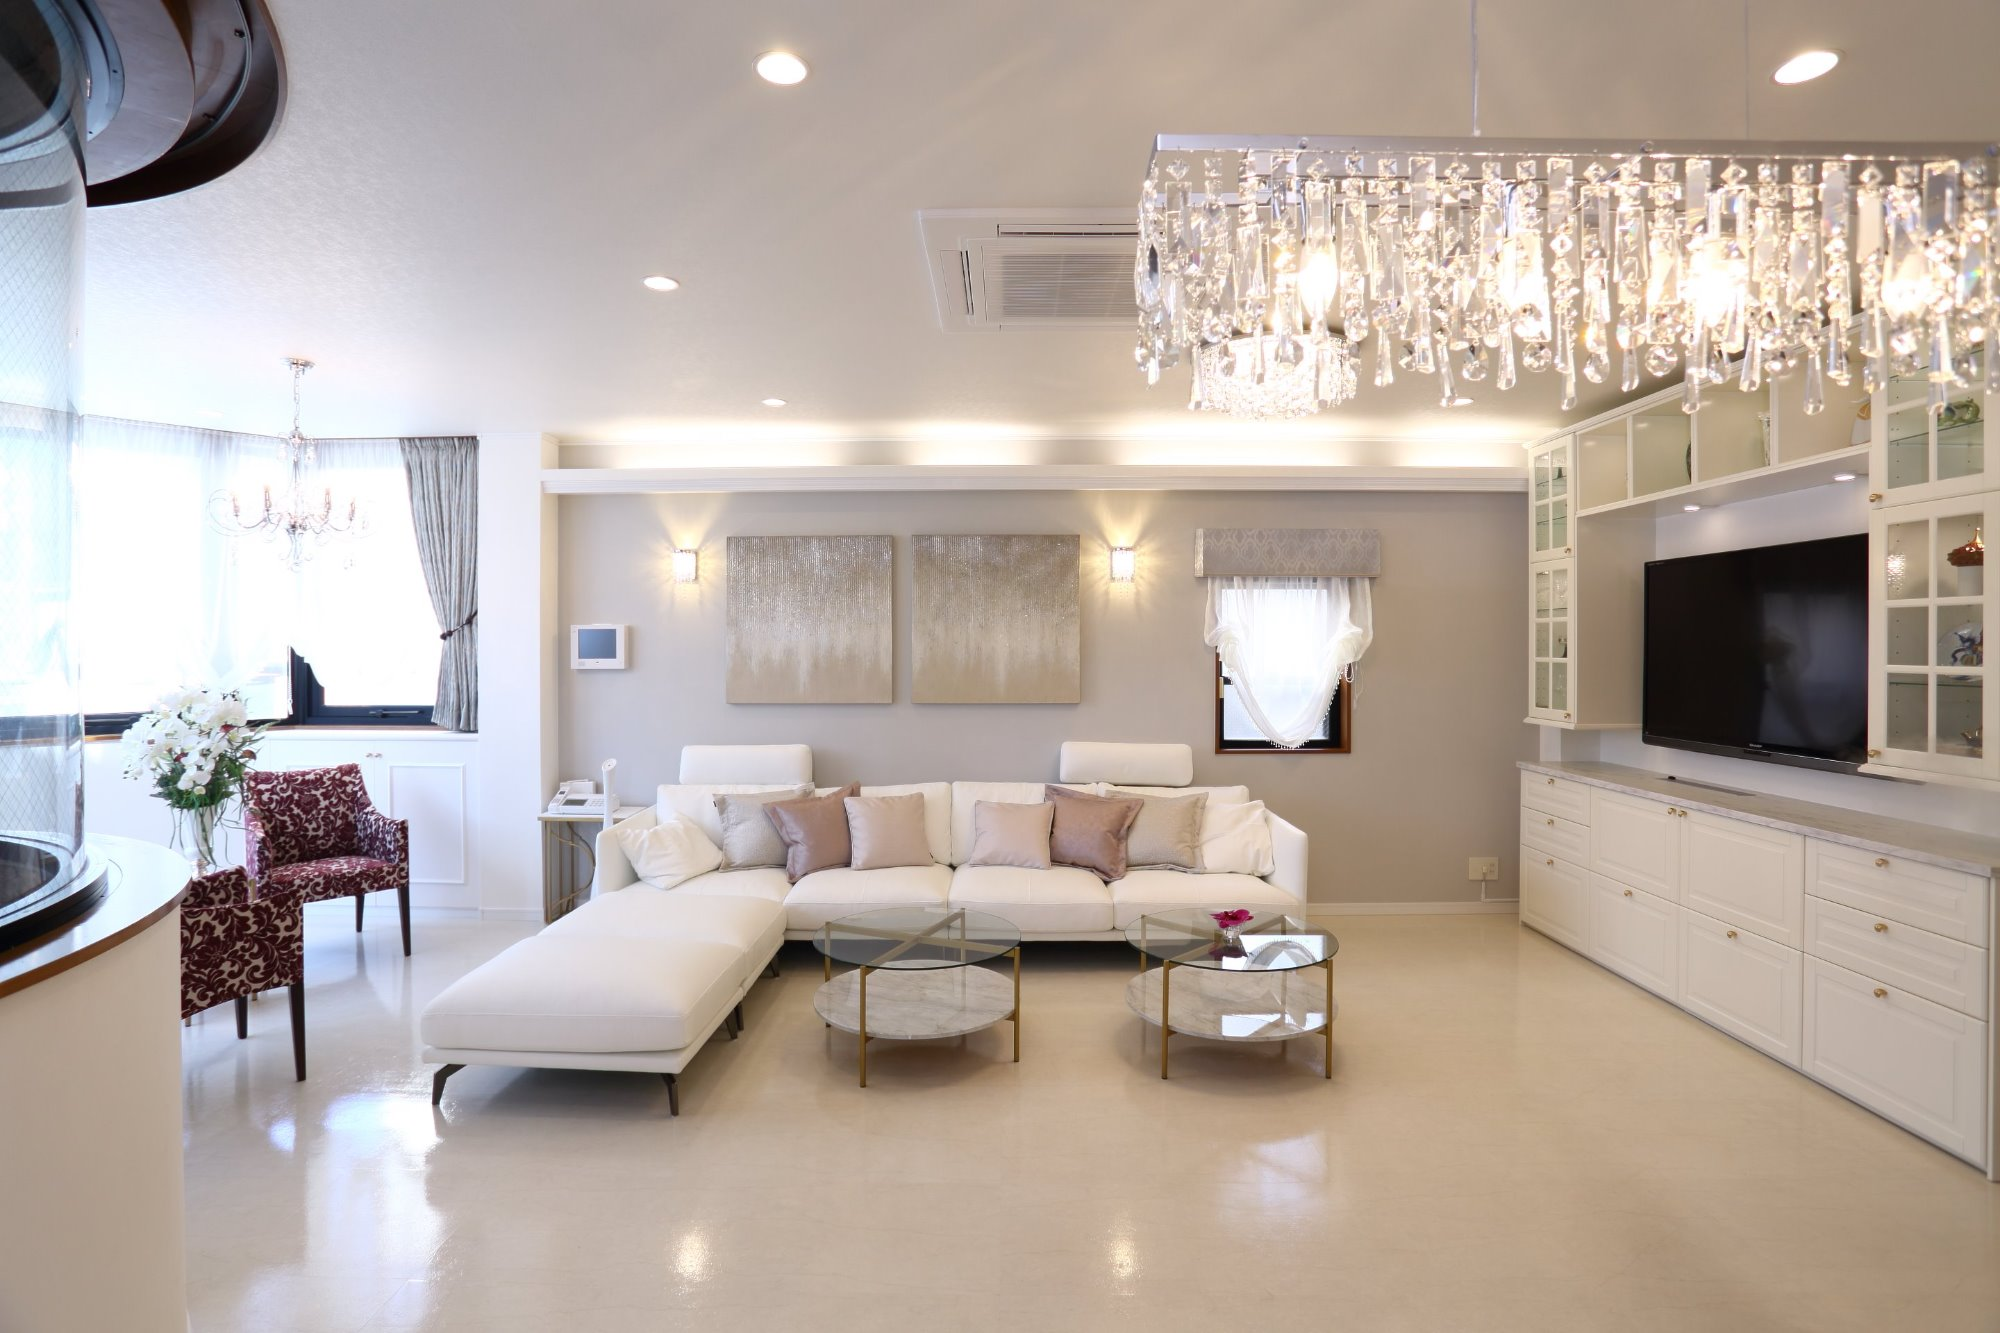 【HDC大阪 くらし向上計画】居心地の良い空間づくり 失敗しない家具の選び方セミナー